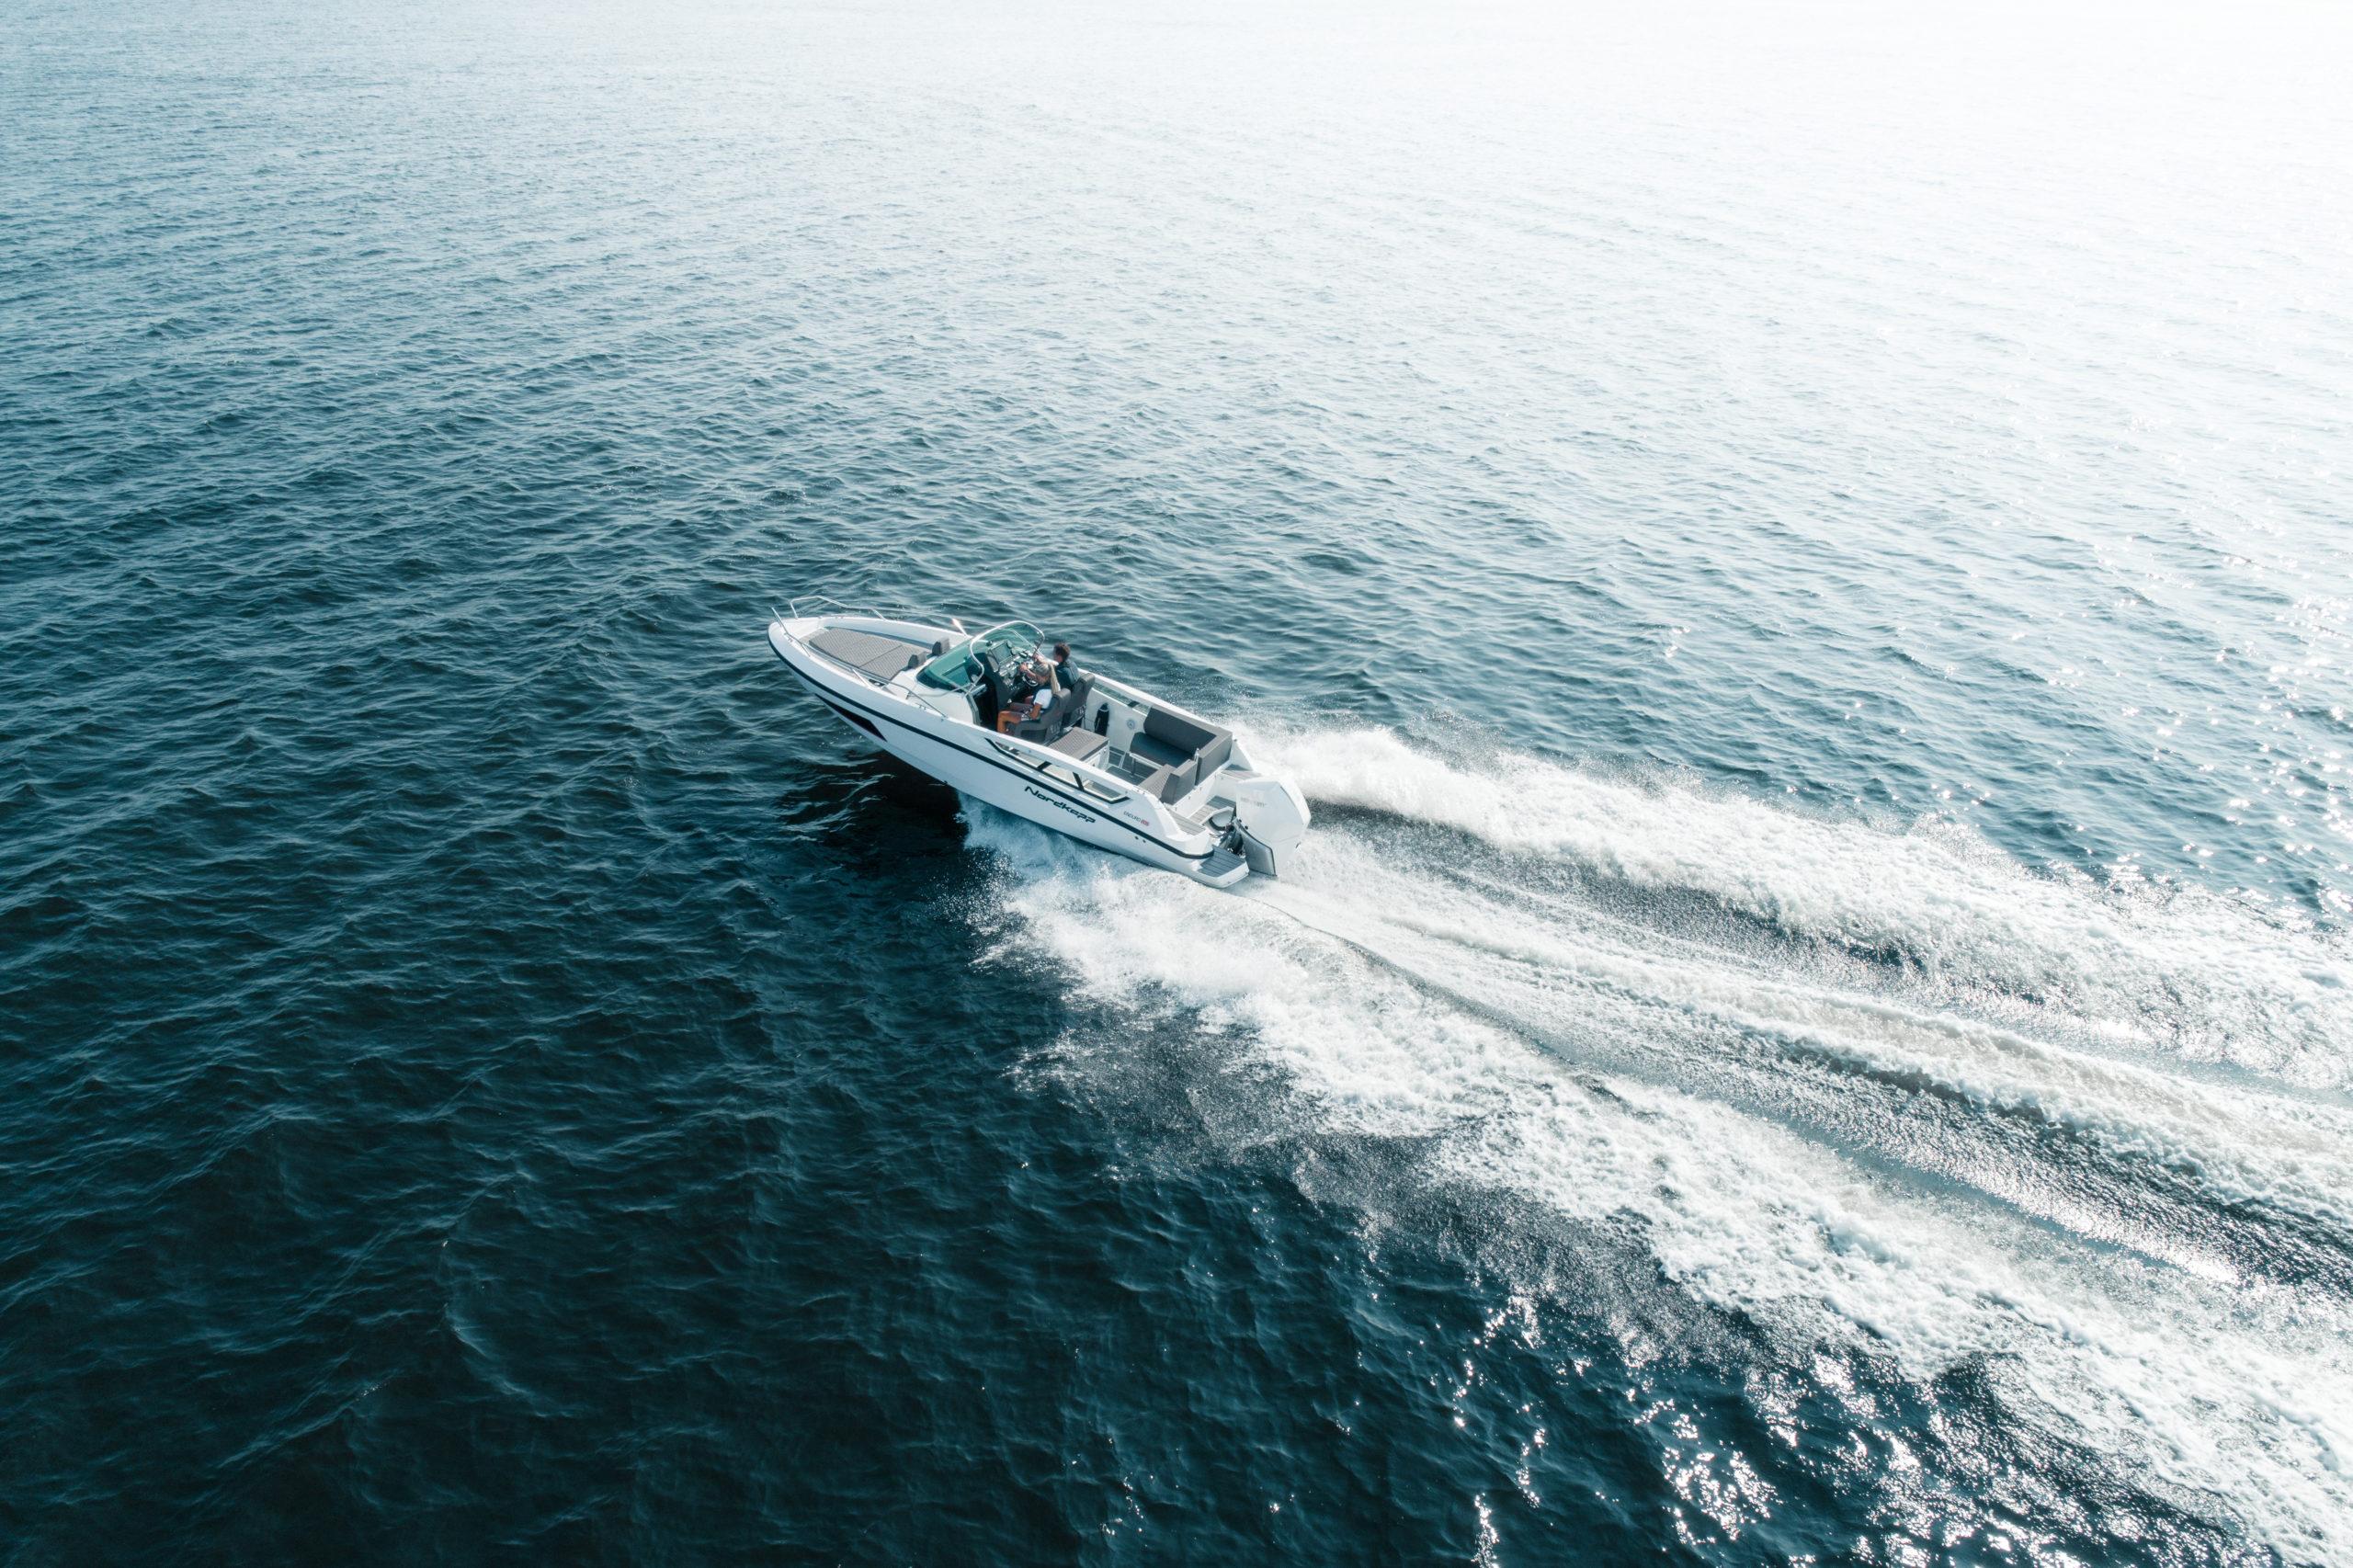 Enduro 805 at sea_ seen from air